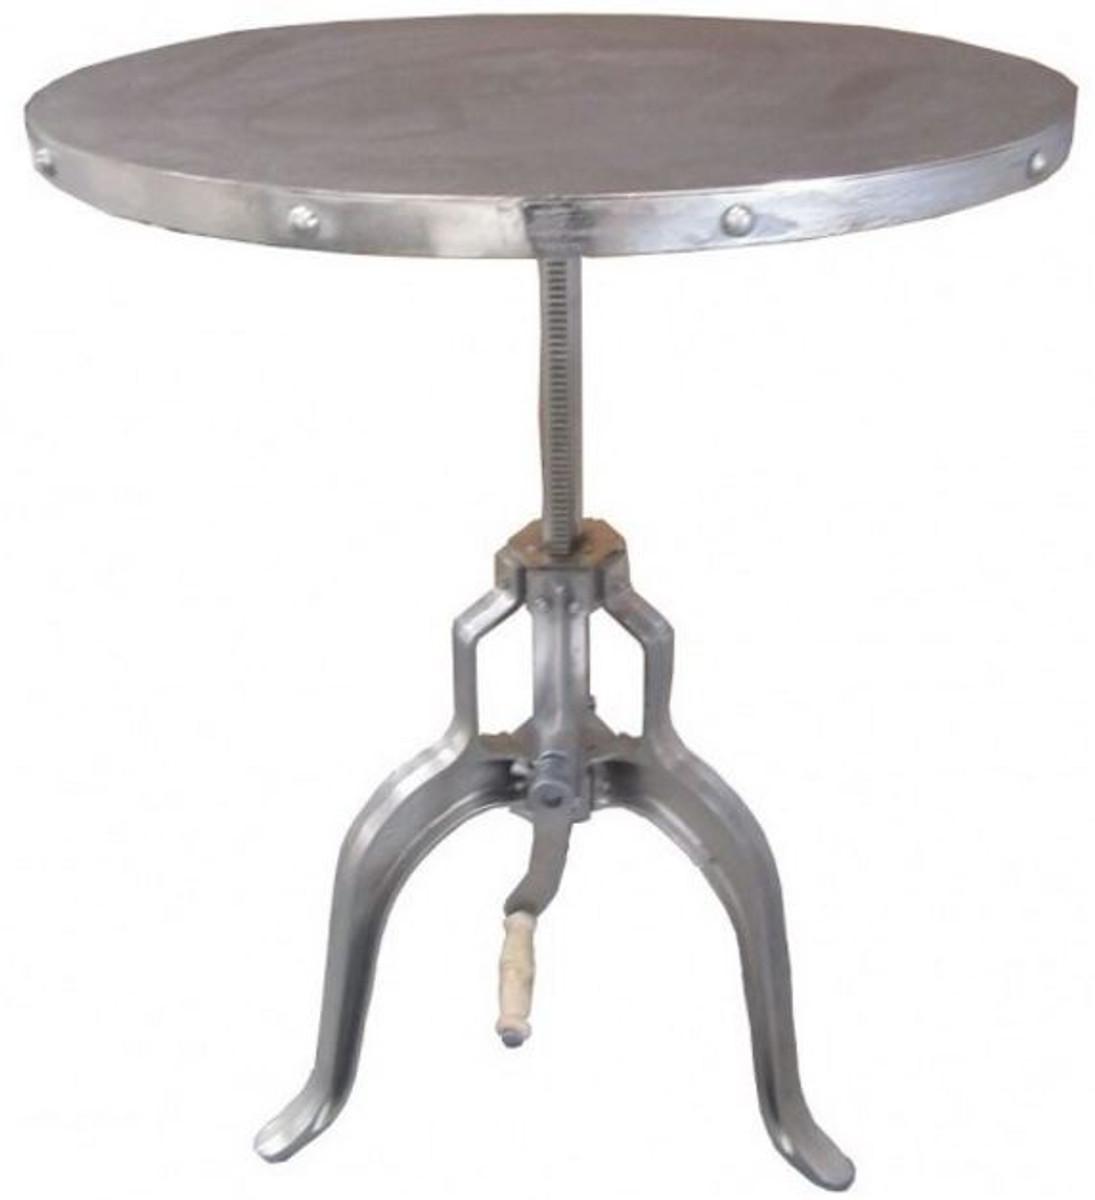 table d appoint industrielle avec manivelle en argent casa padrino mobilier d hotel design design industriel table art nouveau